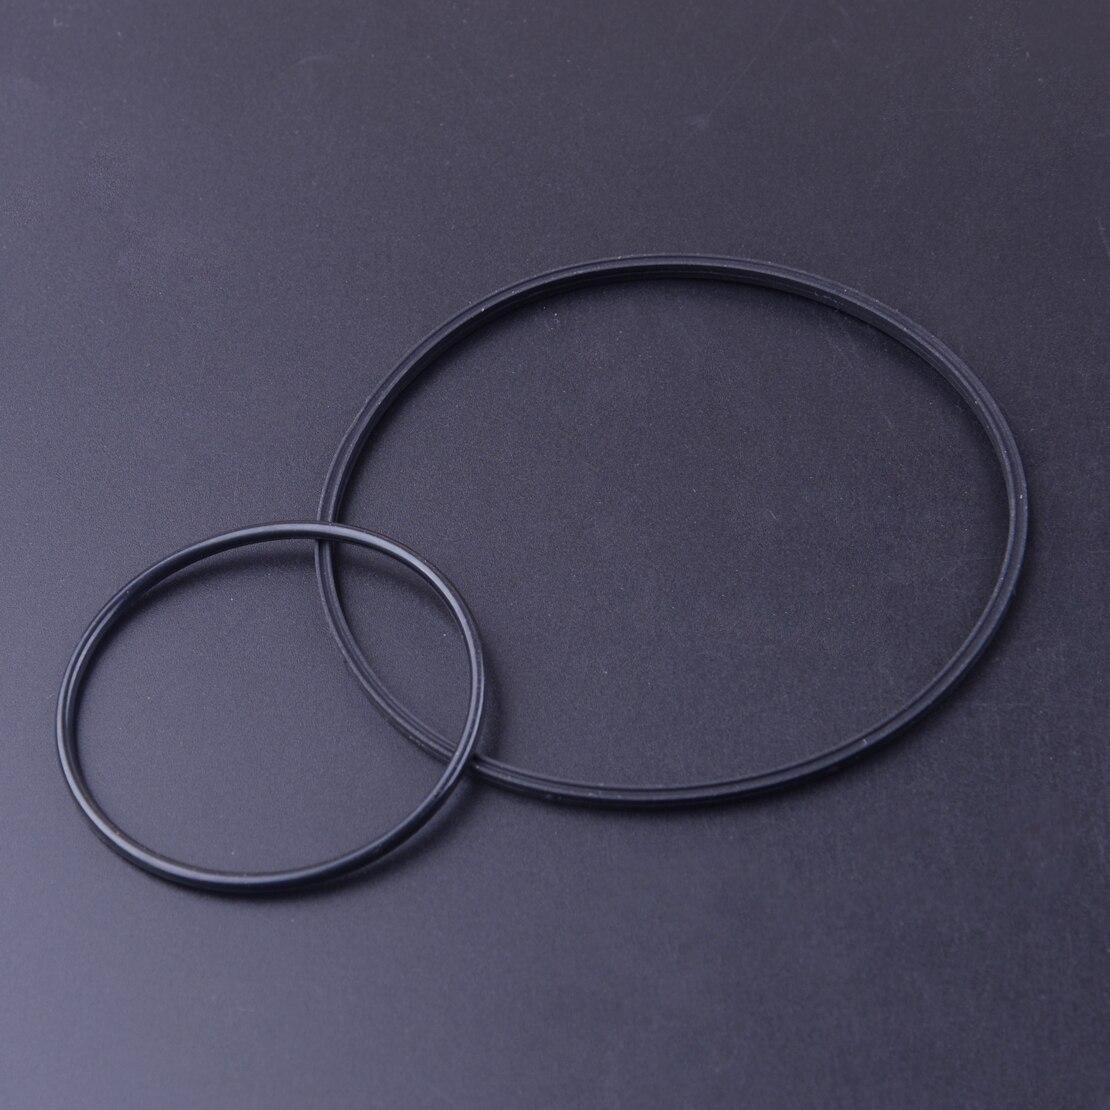 Beler 2 pezzi di Gomma Nera di Vuoto di Tenuta Della Pompa Kit Fit per BMW V8 E46 E65 E66 E53 E70 E60 E84 e90 745i 545i 645i X1 X5 11668626471